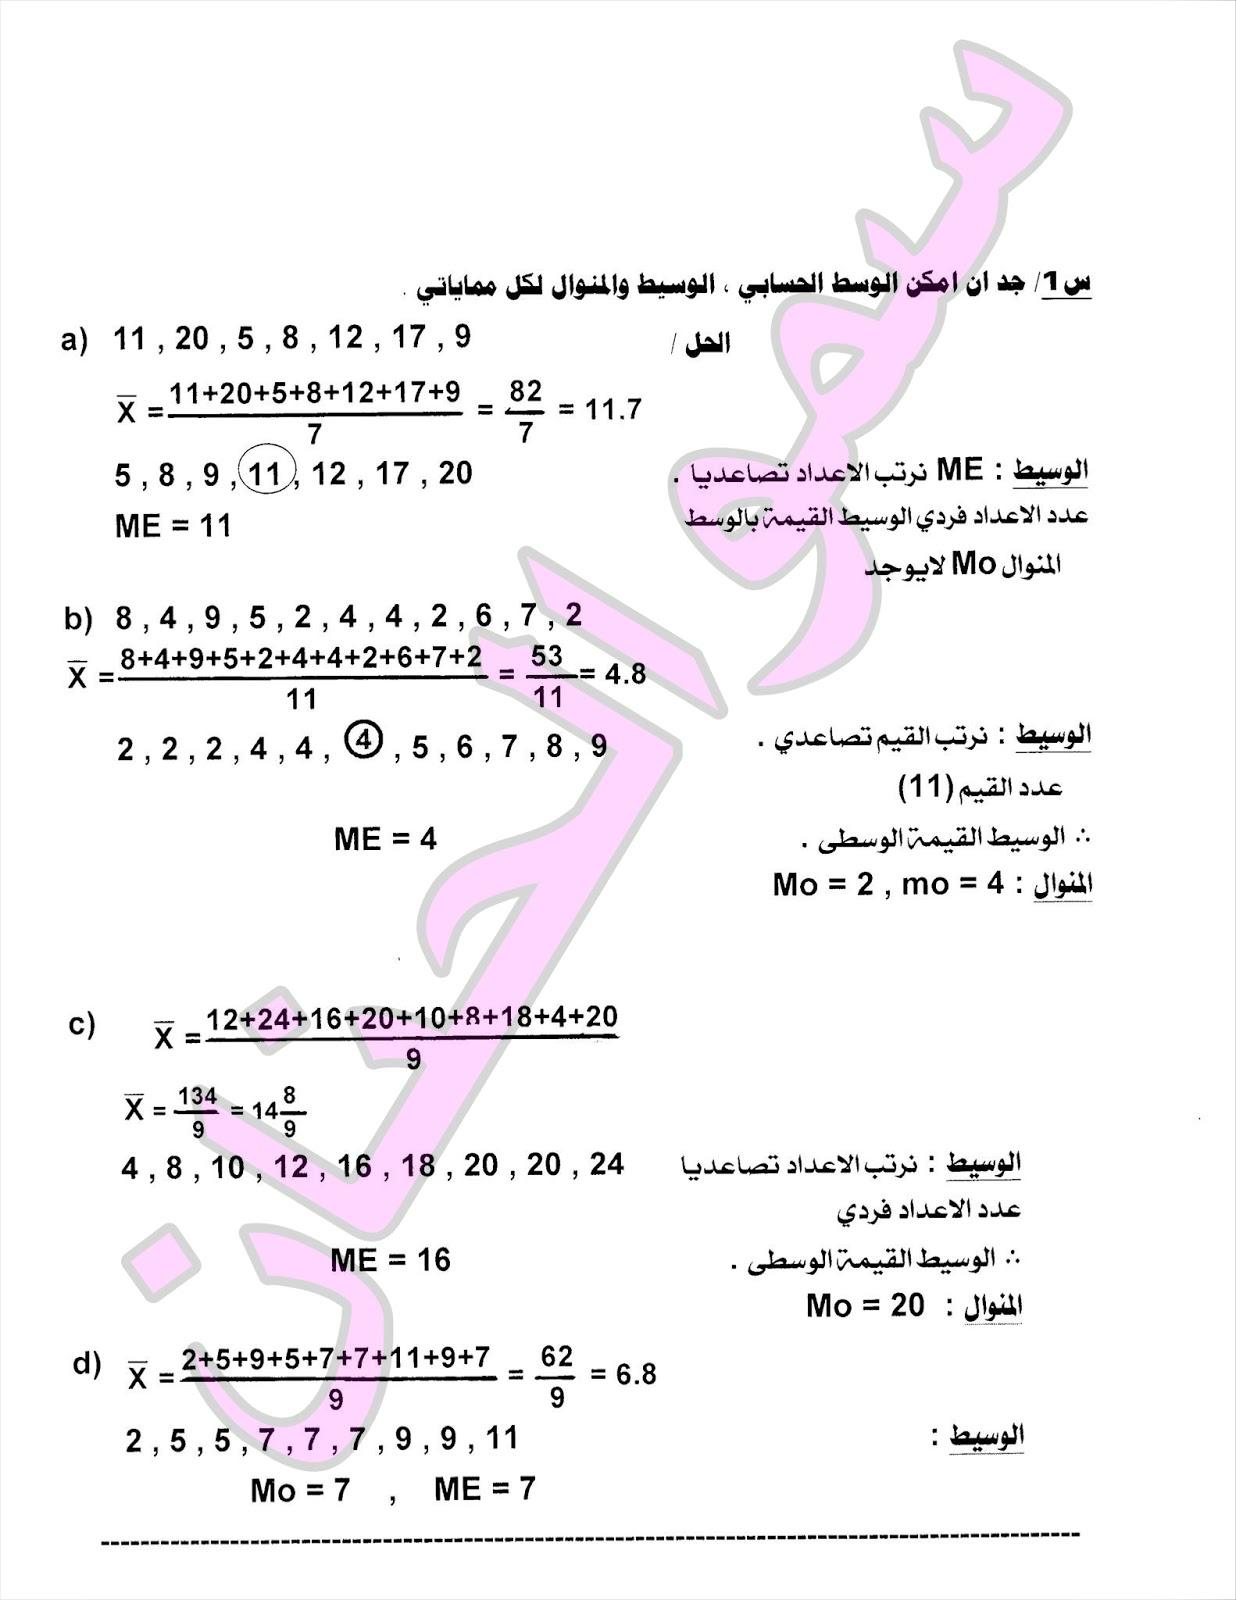 المراجعة المركزة وملخص لمادة الرياضيات للصف الثالث المتوسط 2017 | الجزء 3 2710